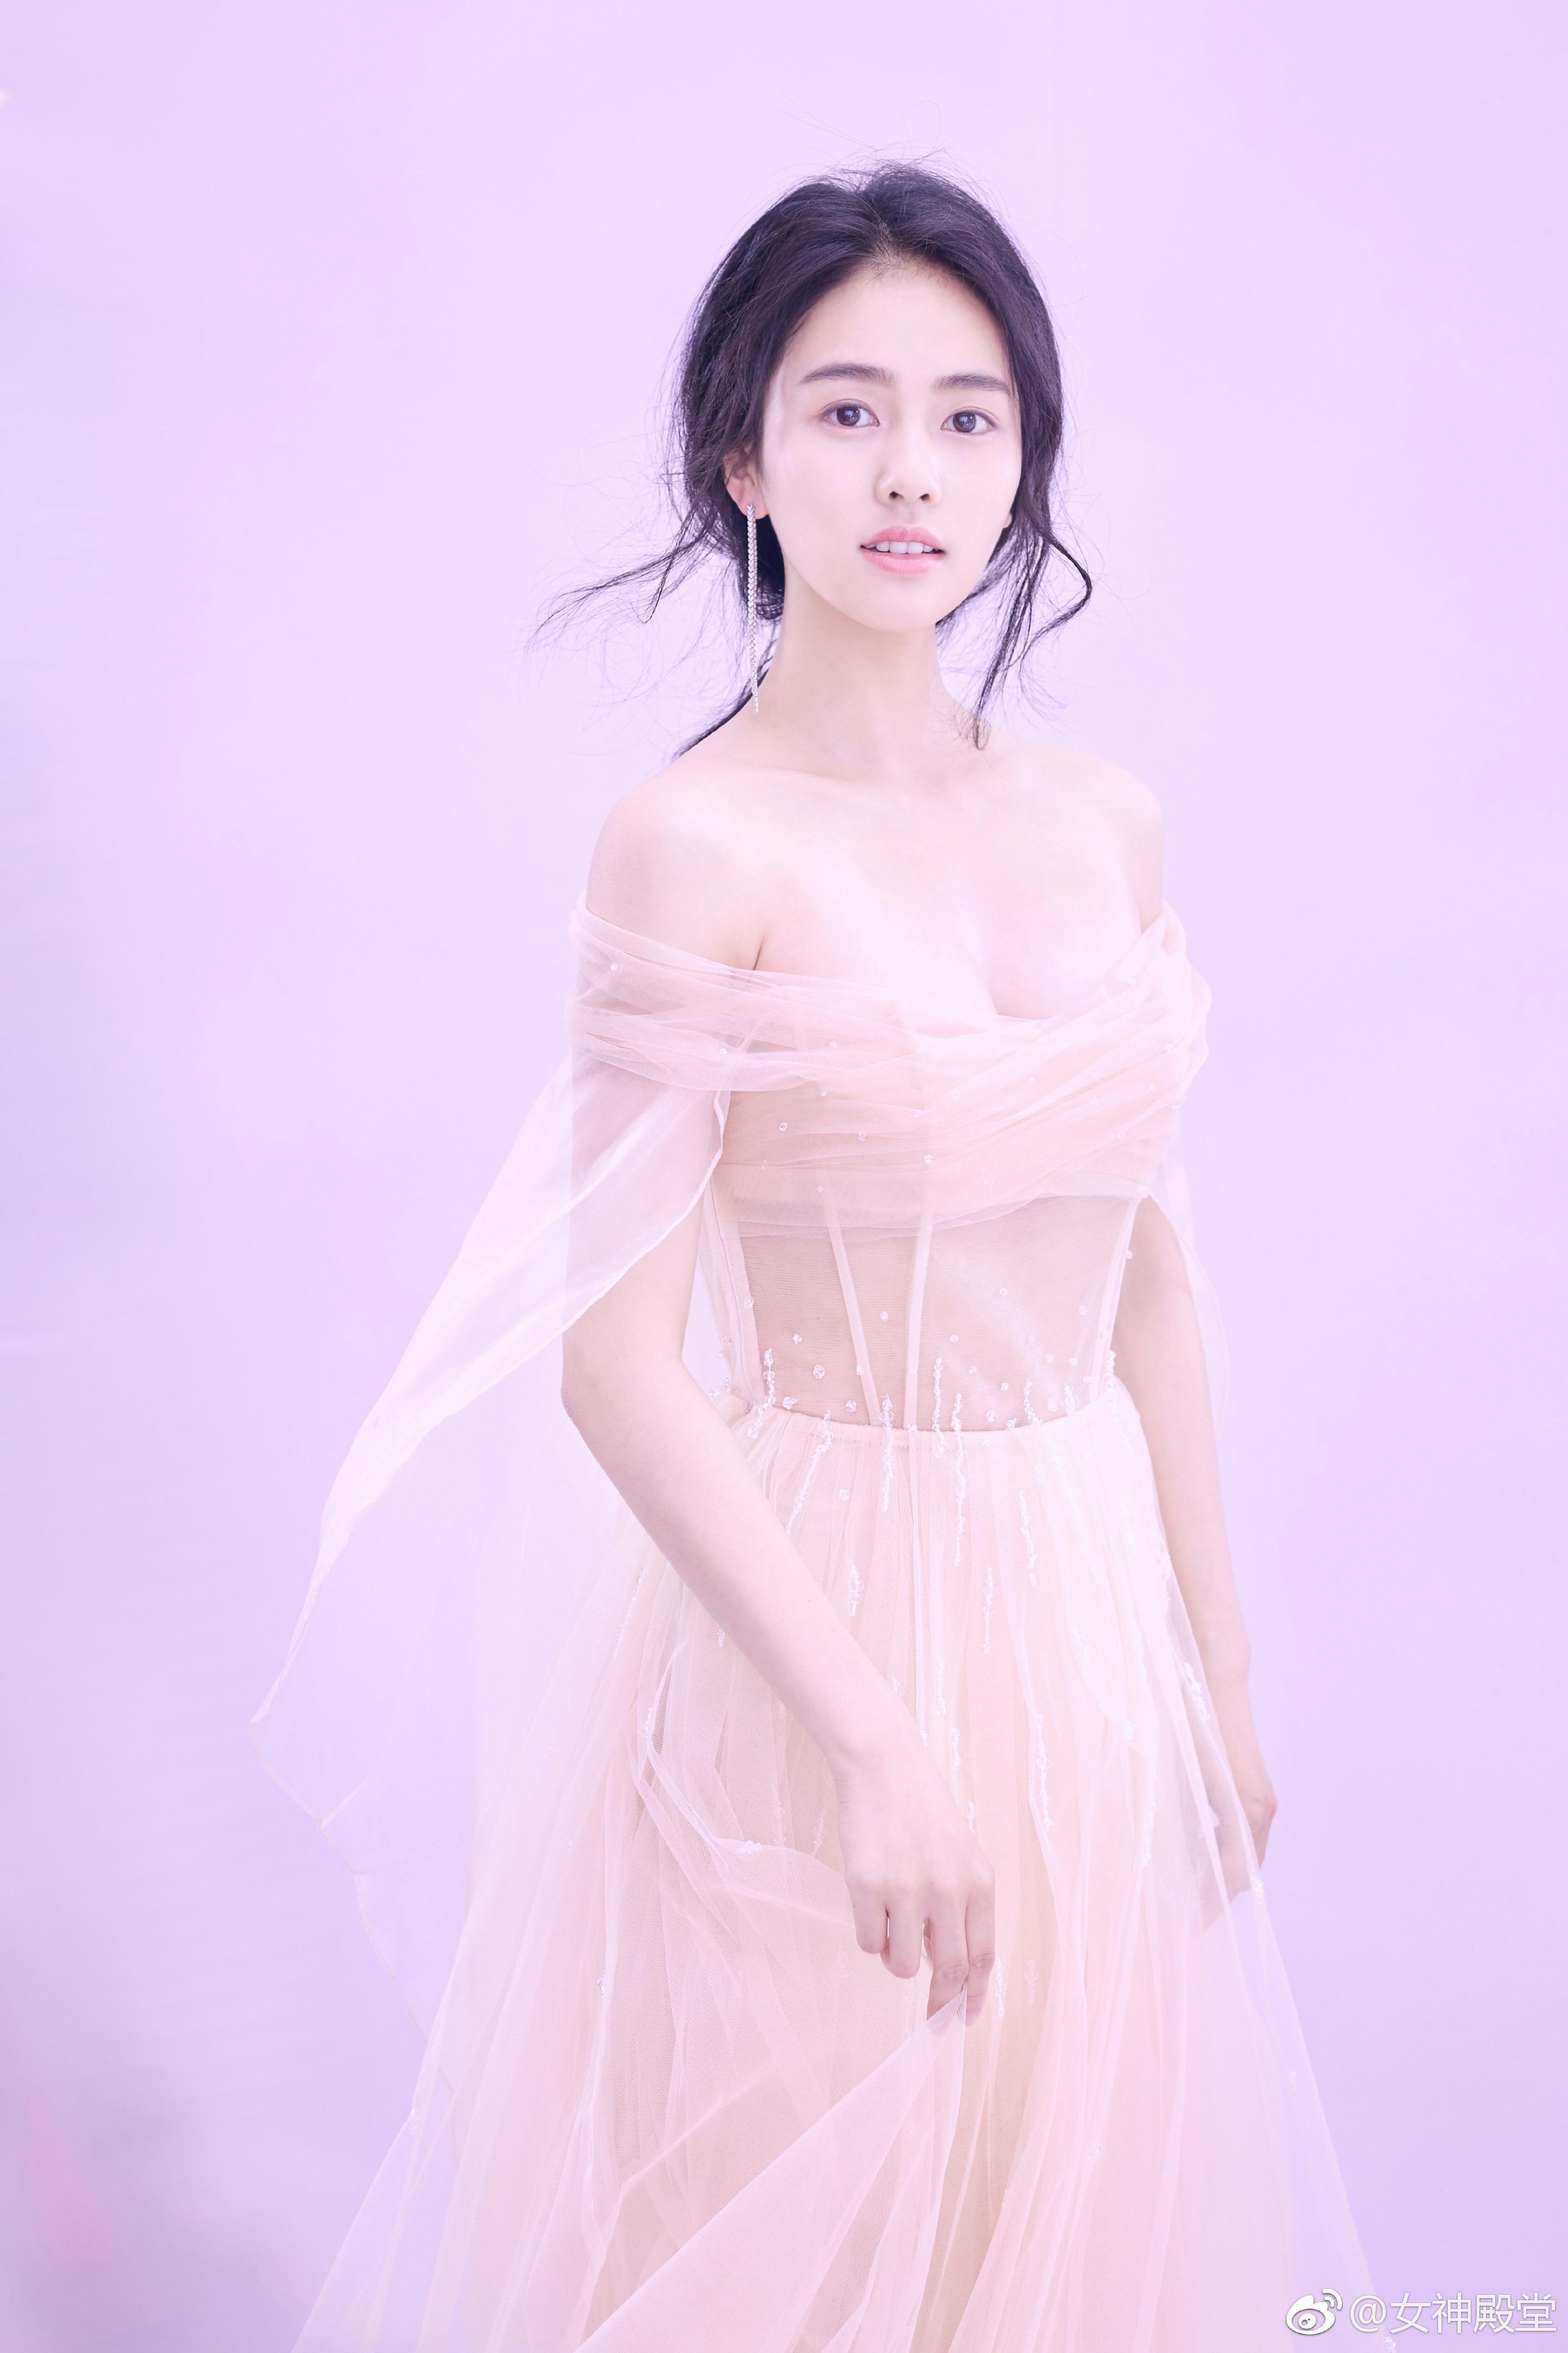 白鹿清新大片 薄纱轻掩 小性感的美 非常漂亮的小姐姐,